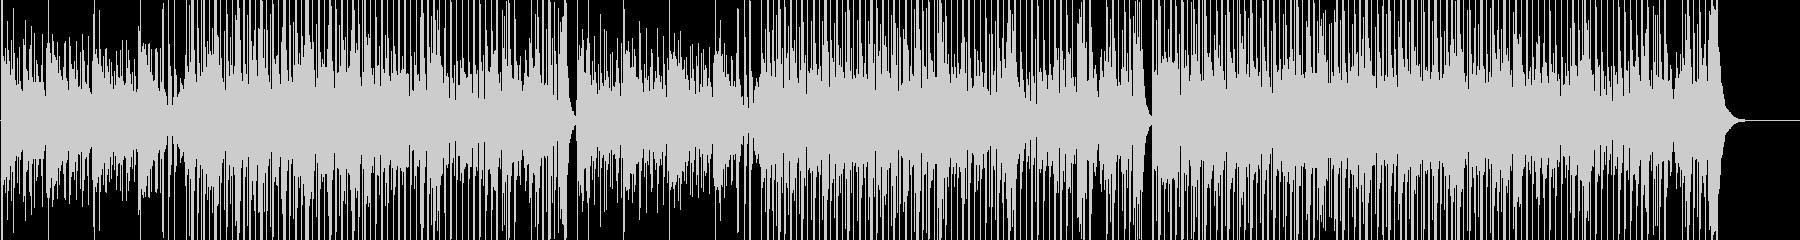 コミカル 子供 ペット 軽快 おちゃらけの未再生の波形